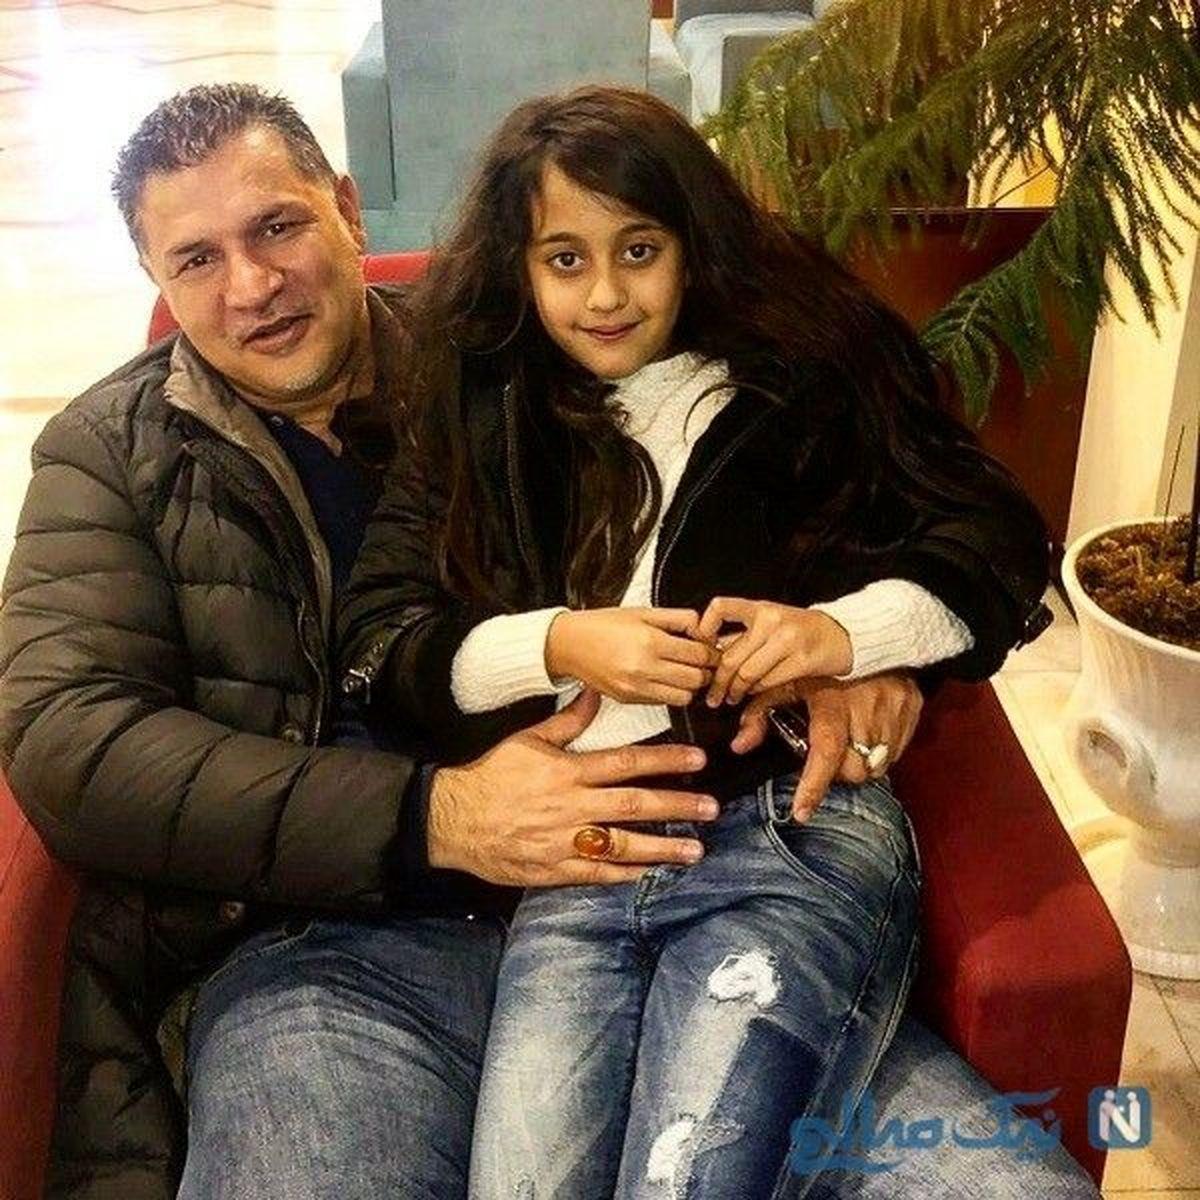 اخراج کارمند بیمارستان به دلیل عکس گرفتن با علی دایی | تصاویر علی دایی